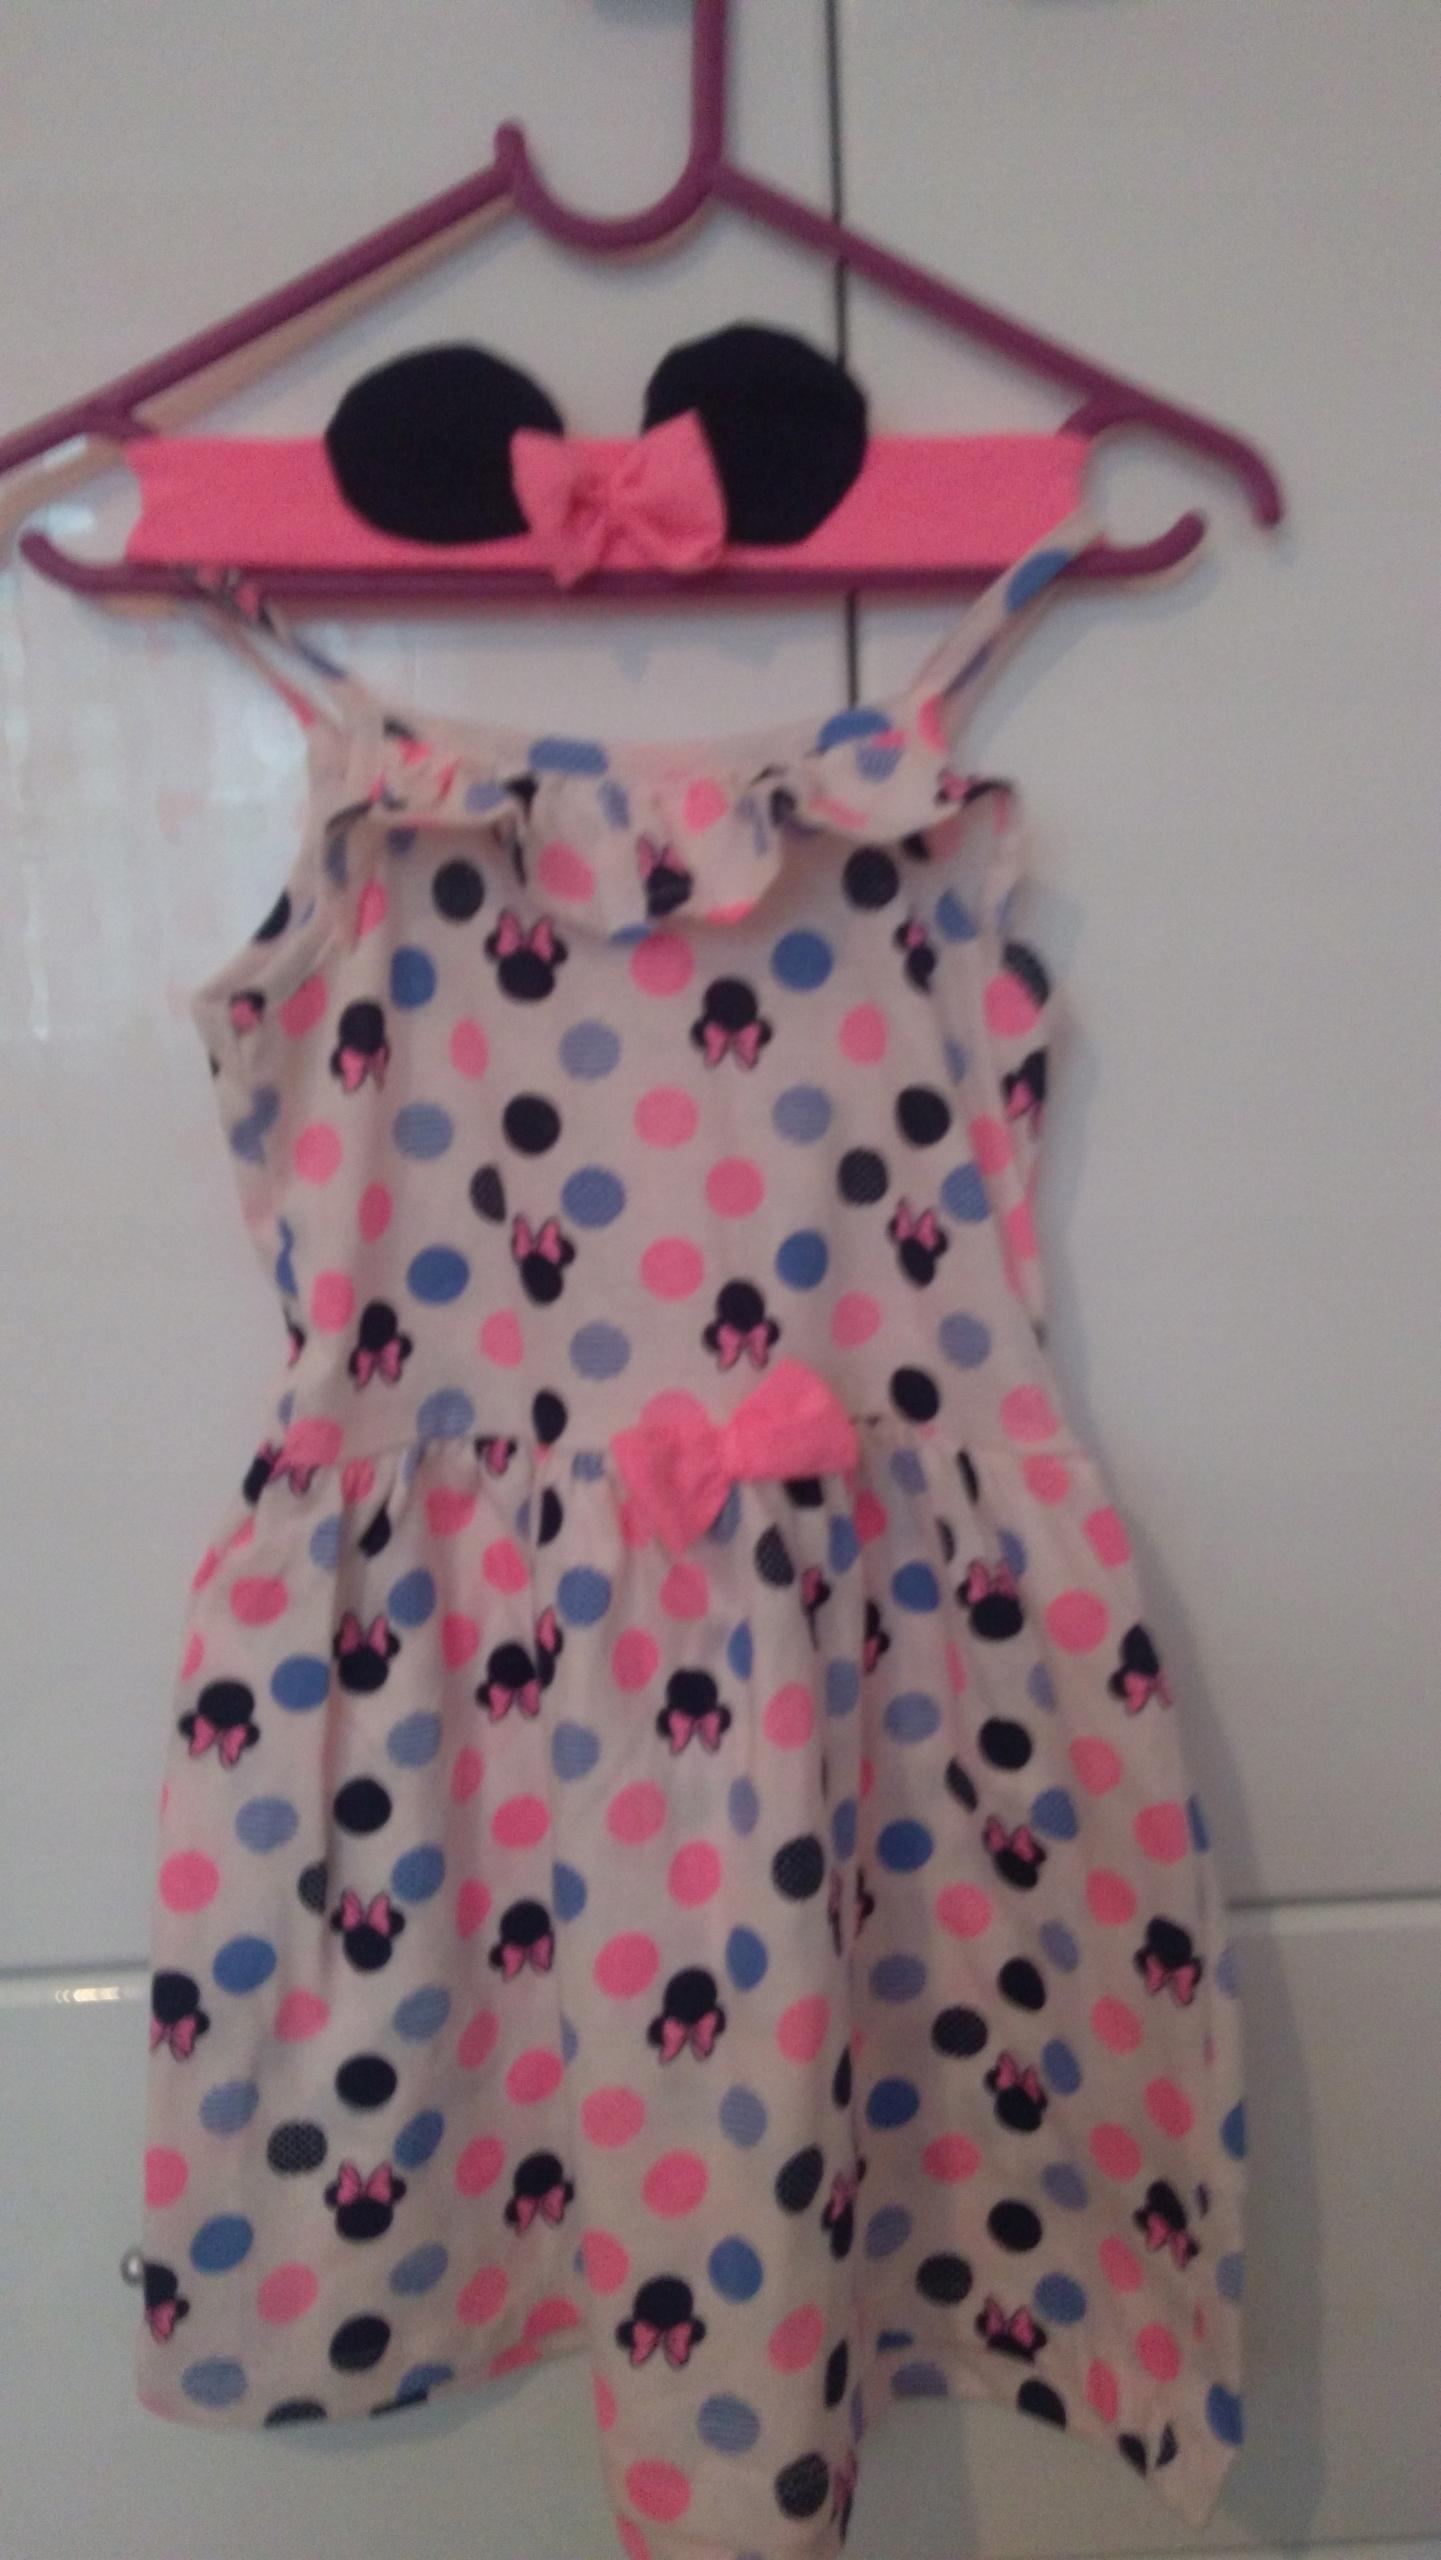 Sukienka Myszka Minnie z opaską, nowa rozmiar 92